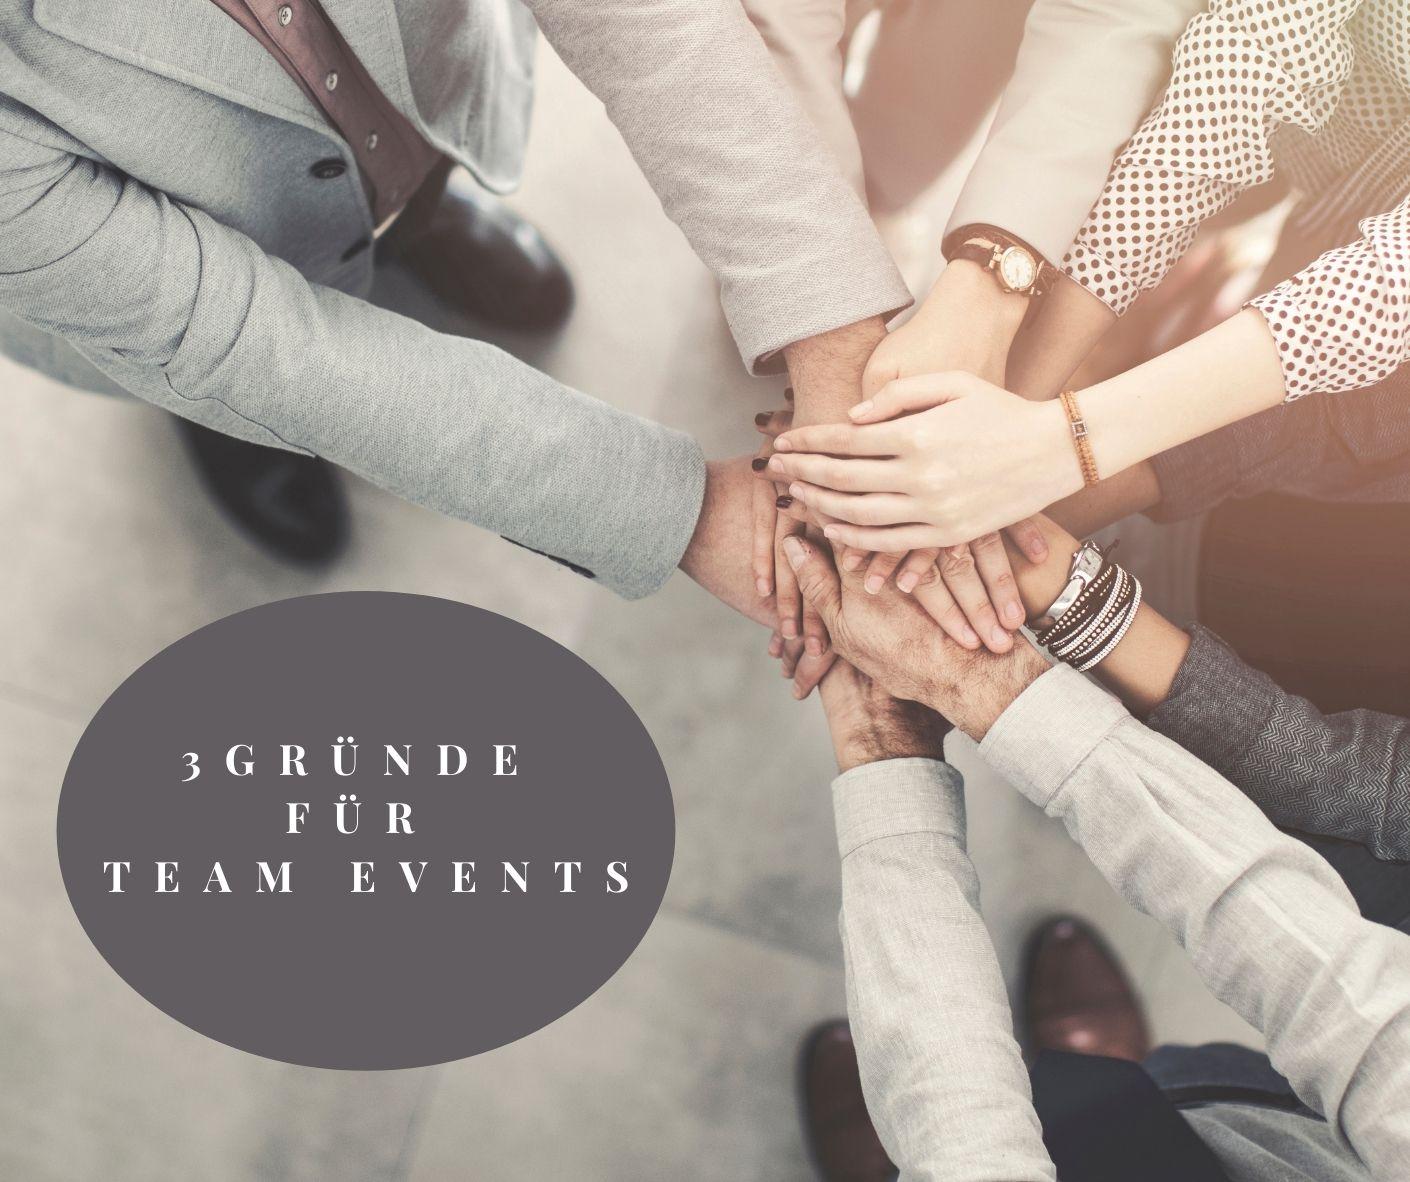 3 Gründe warum Team Events nachhaltige Mitarbeitermotivation fördern